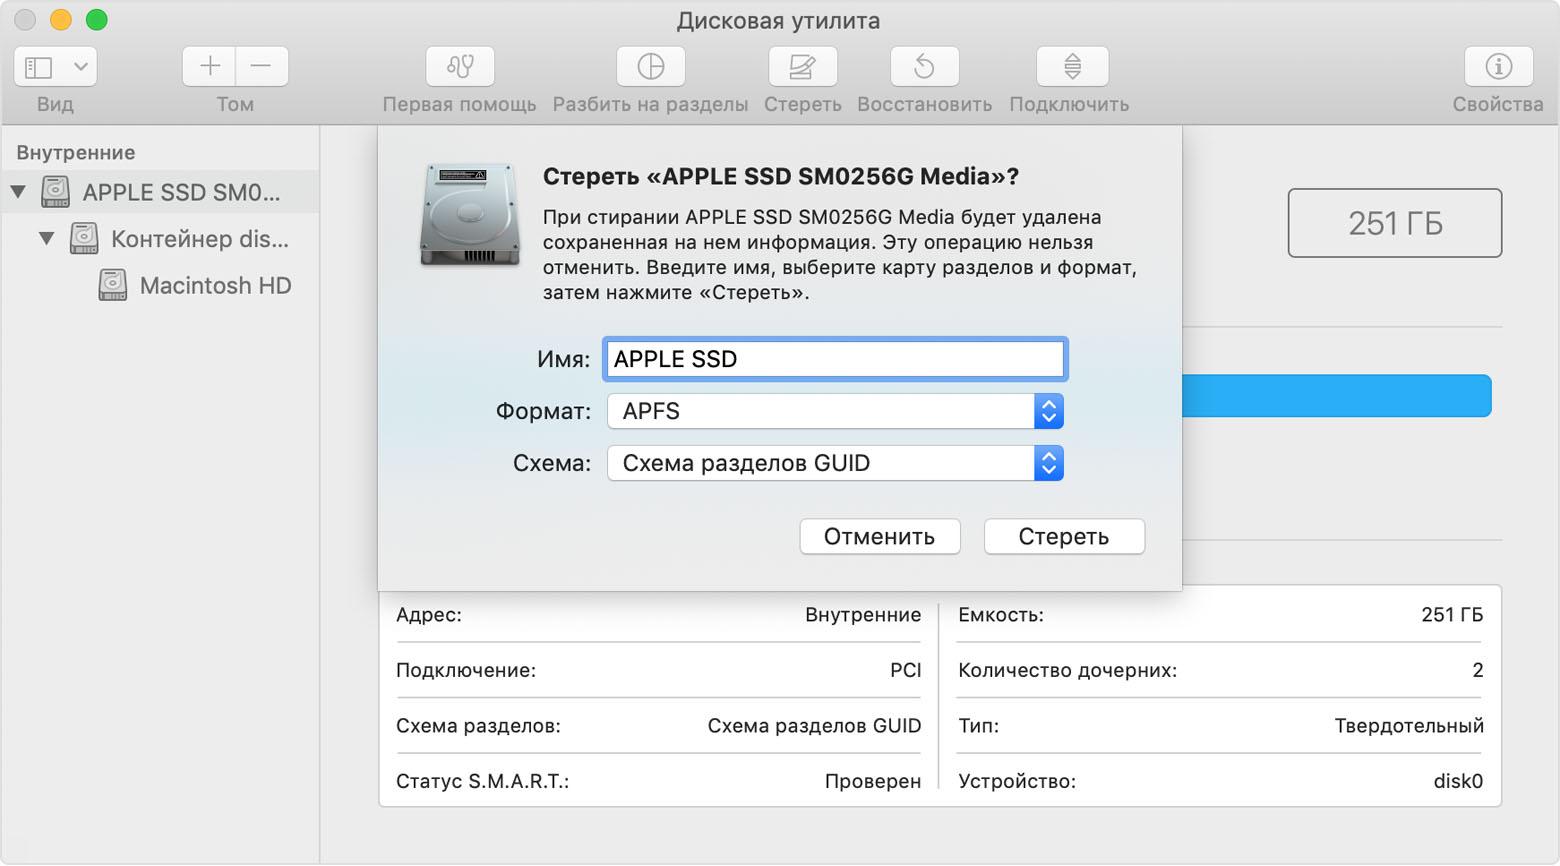 Как стереть диск для компьютера Mac